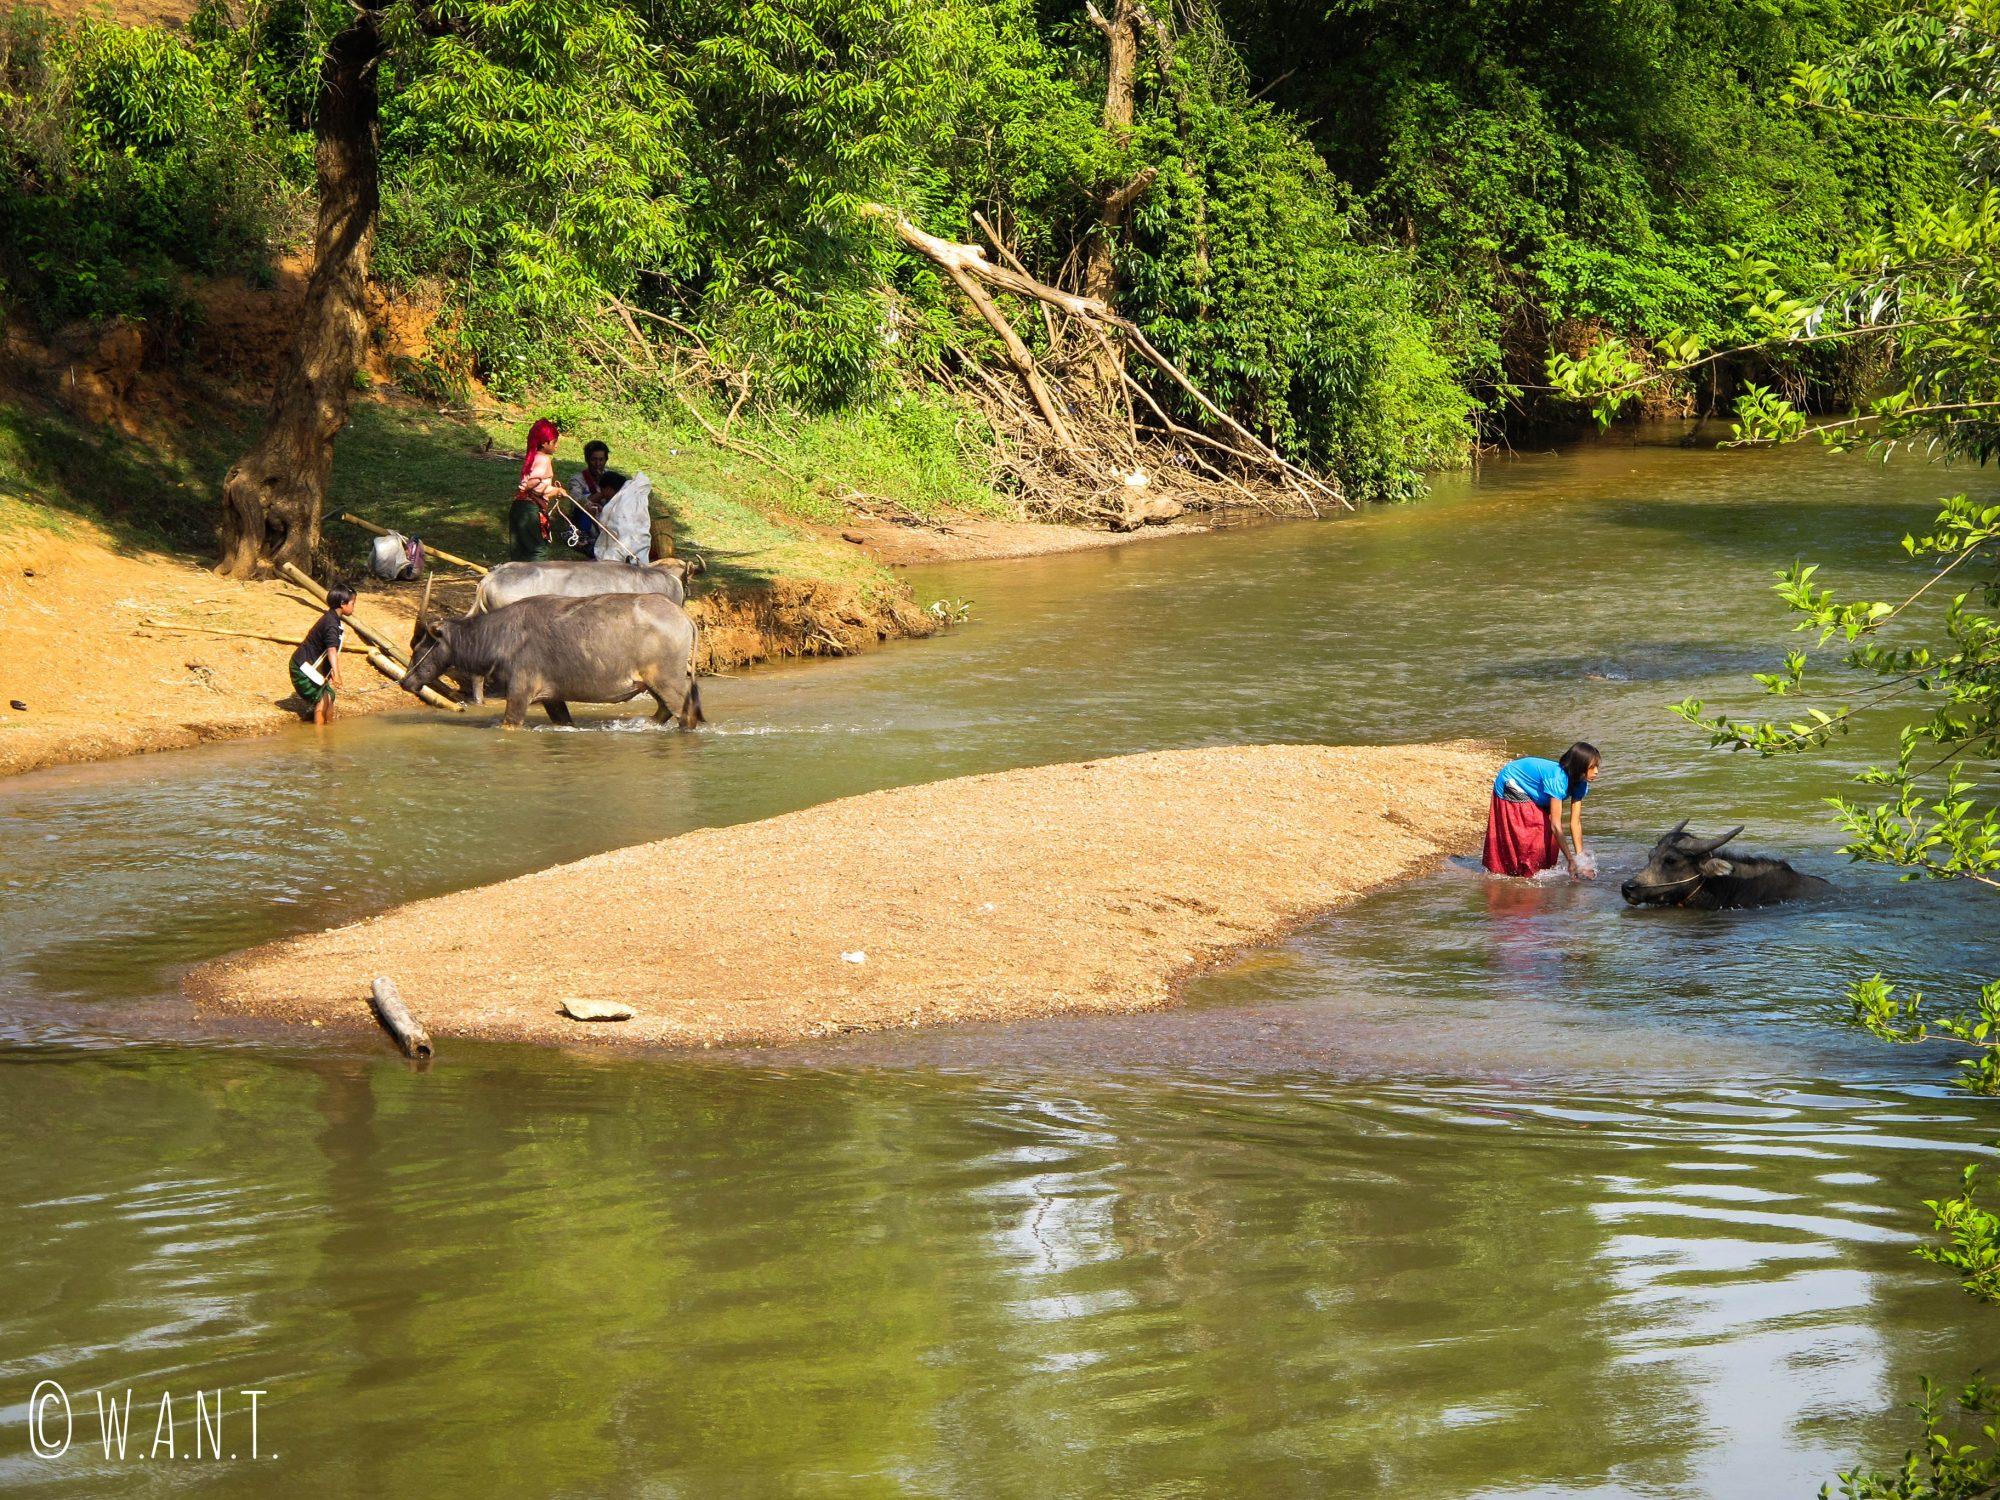 Il est l'heure du bain pour les buffles dans la rivière